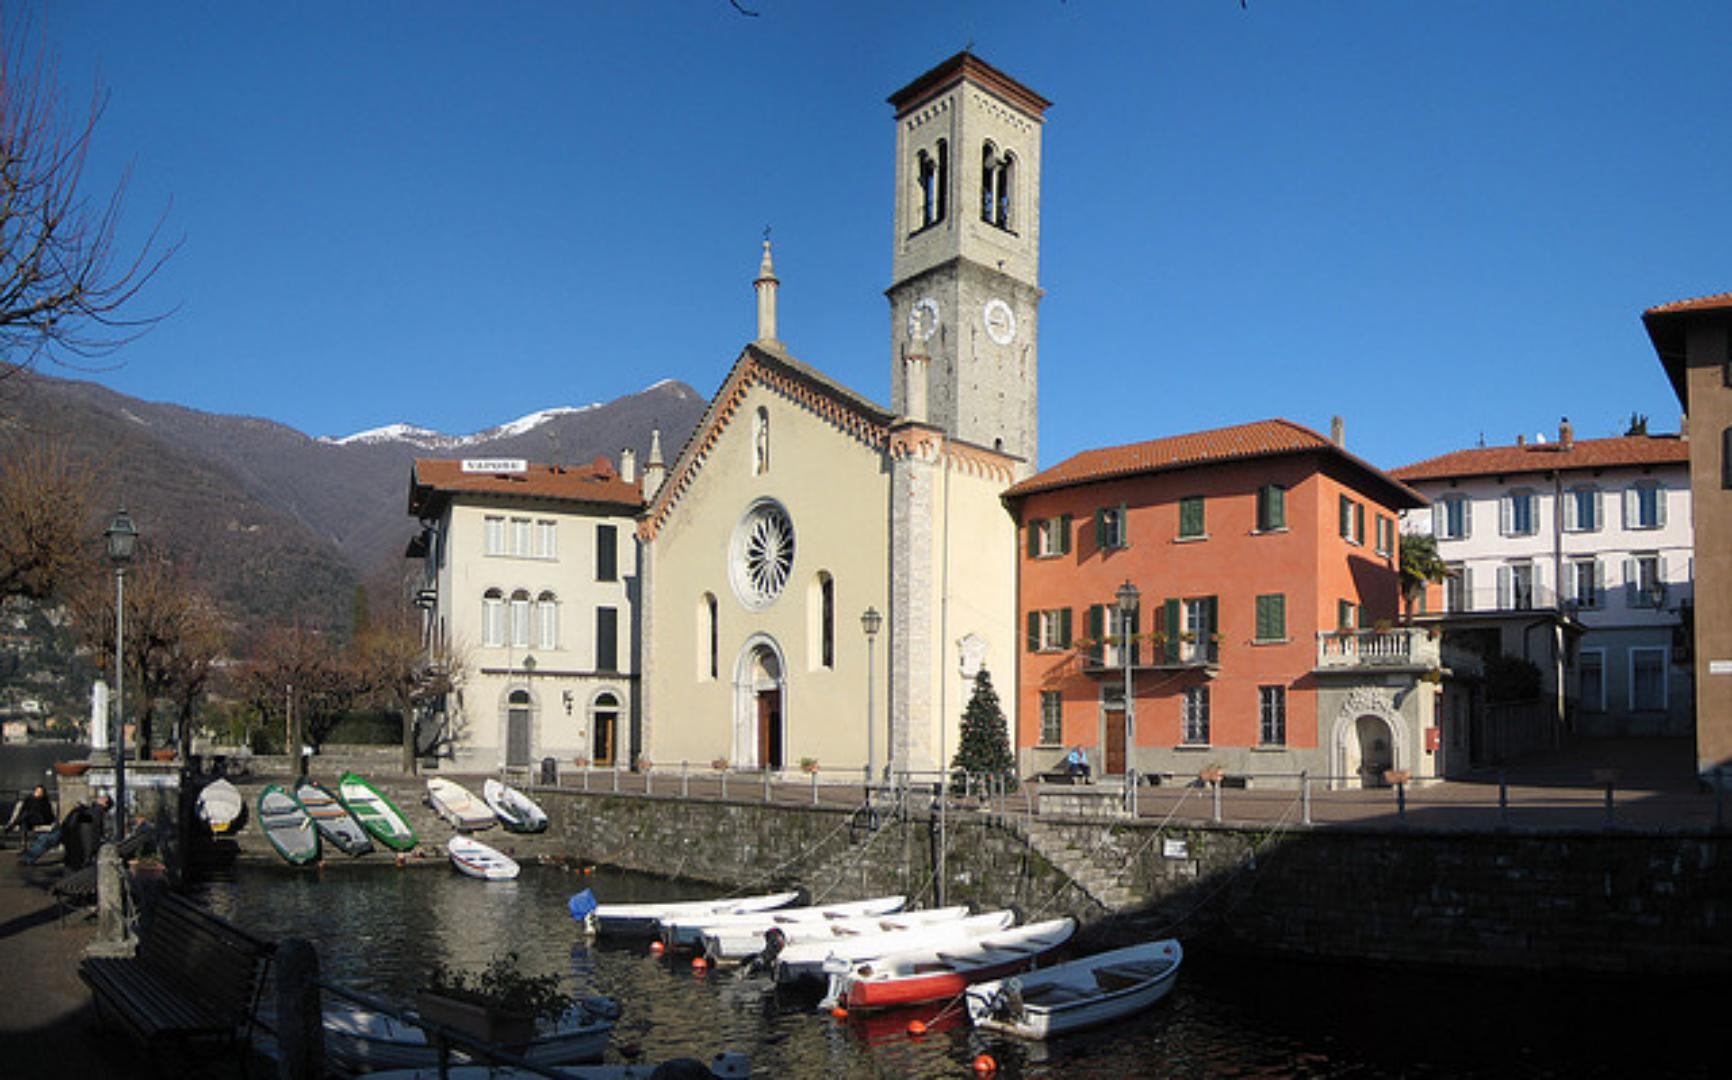 Torno and Monte Piatto